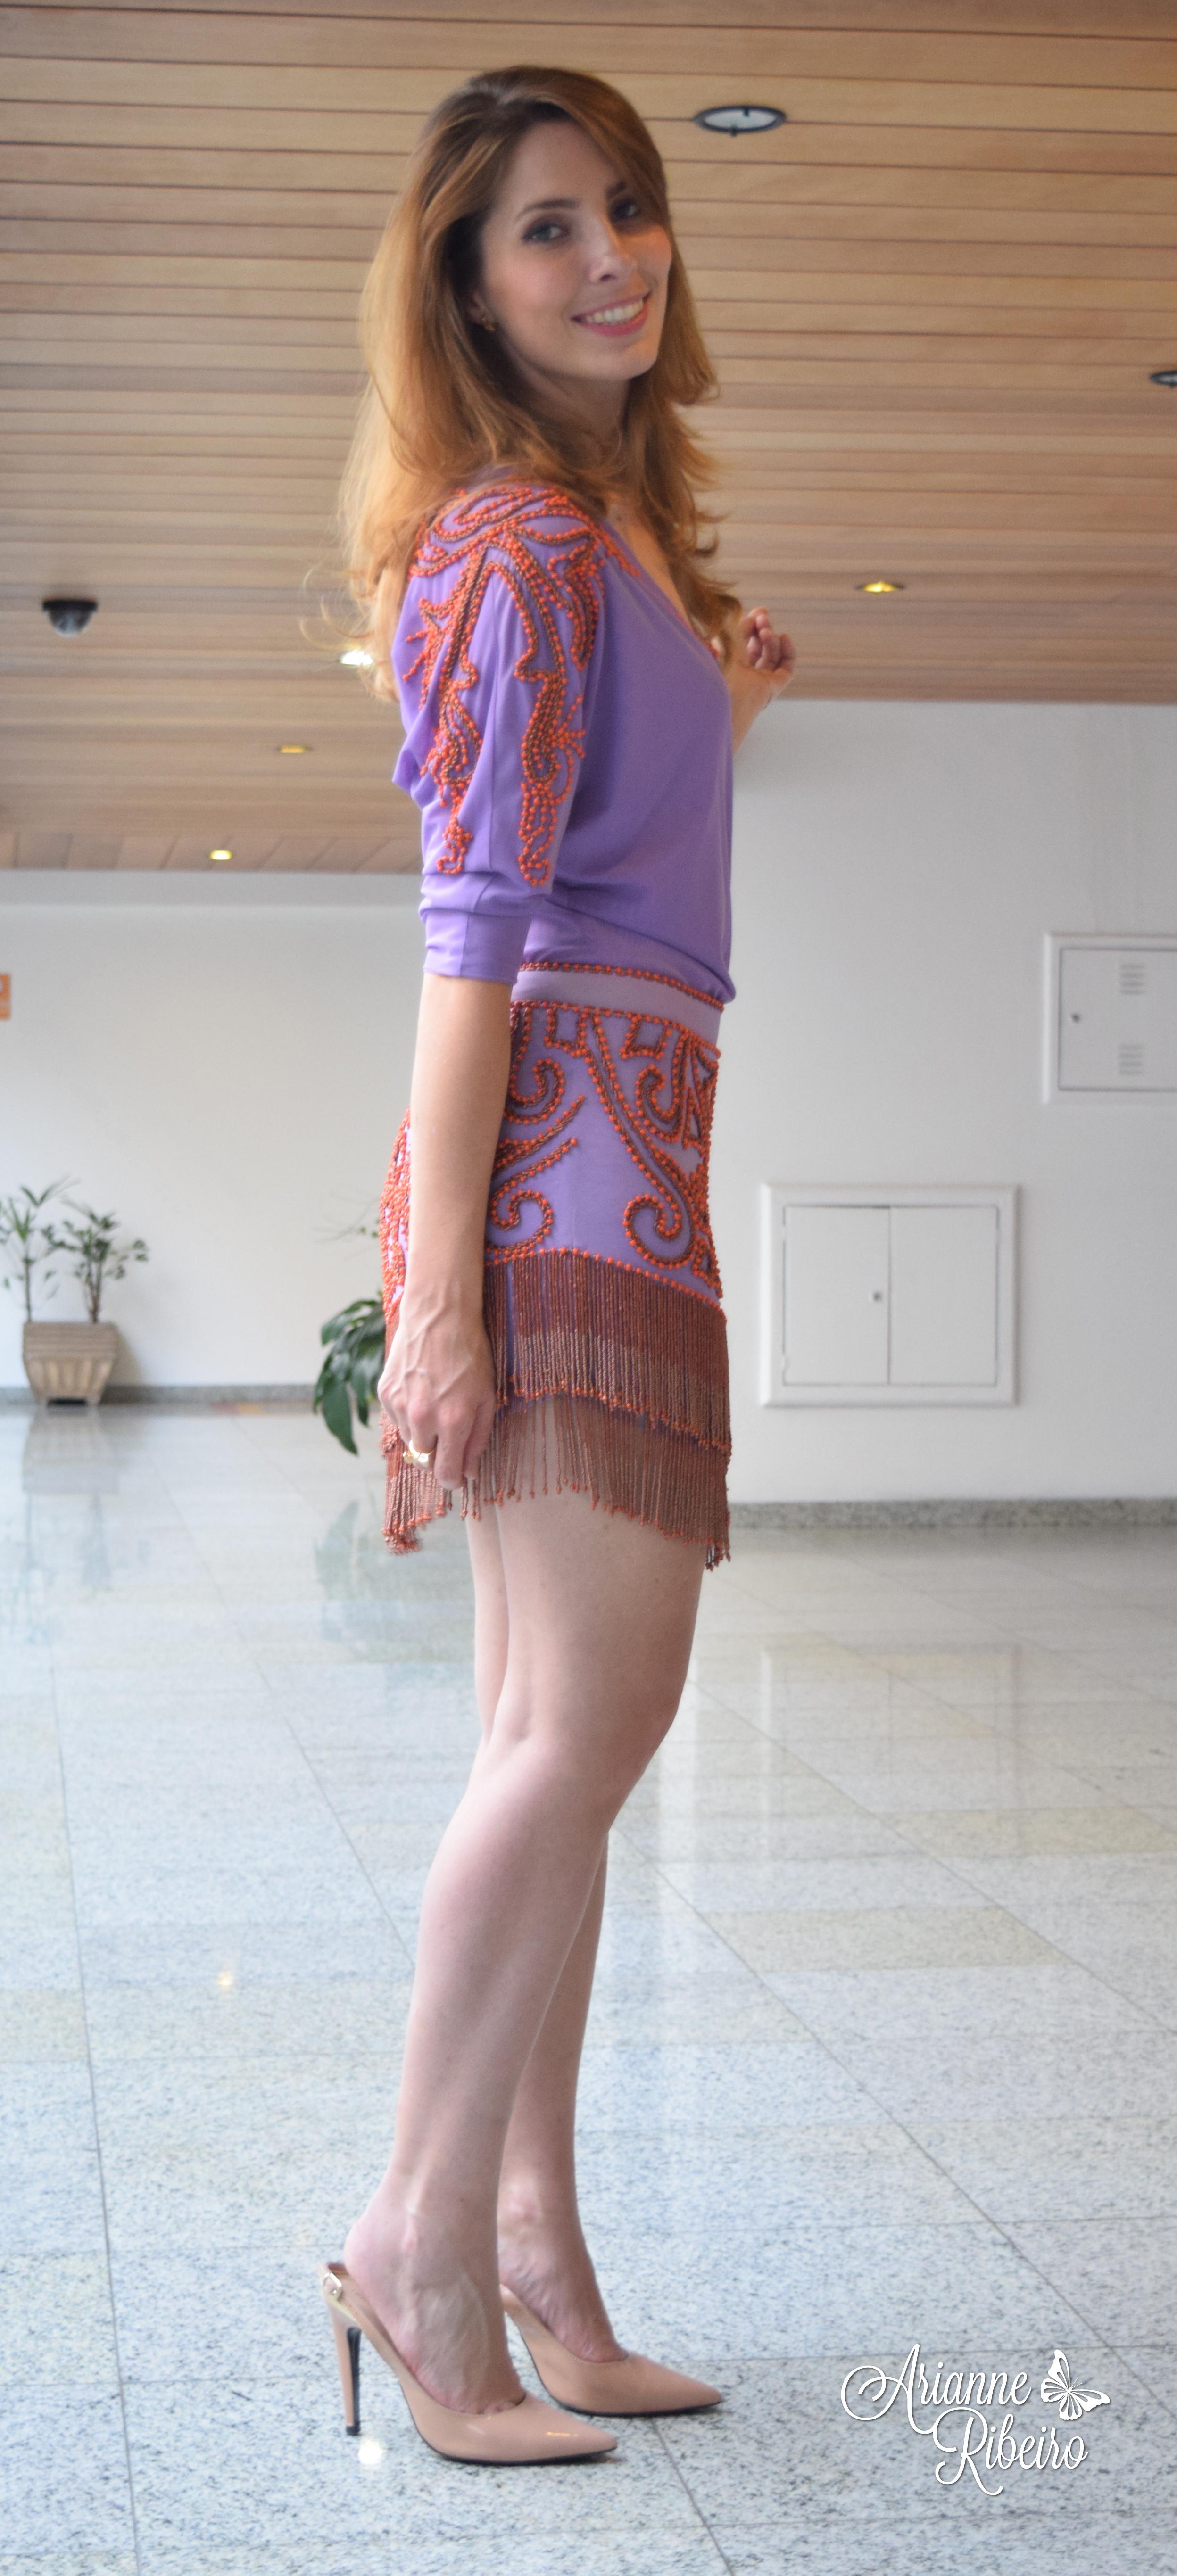 Sttudio Moda 022 _ AR